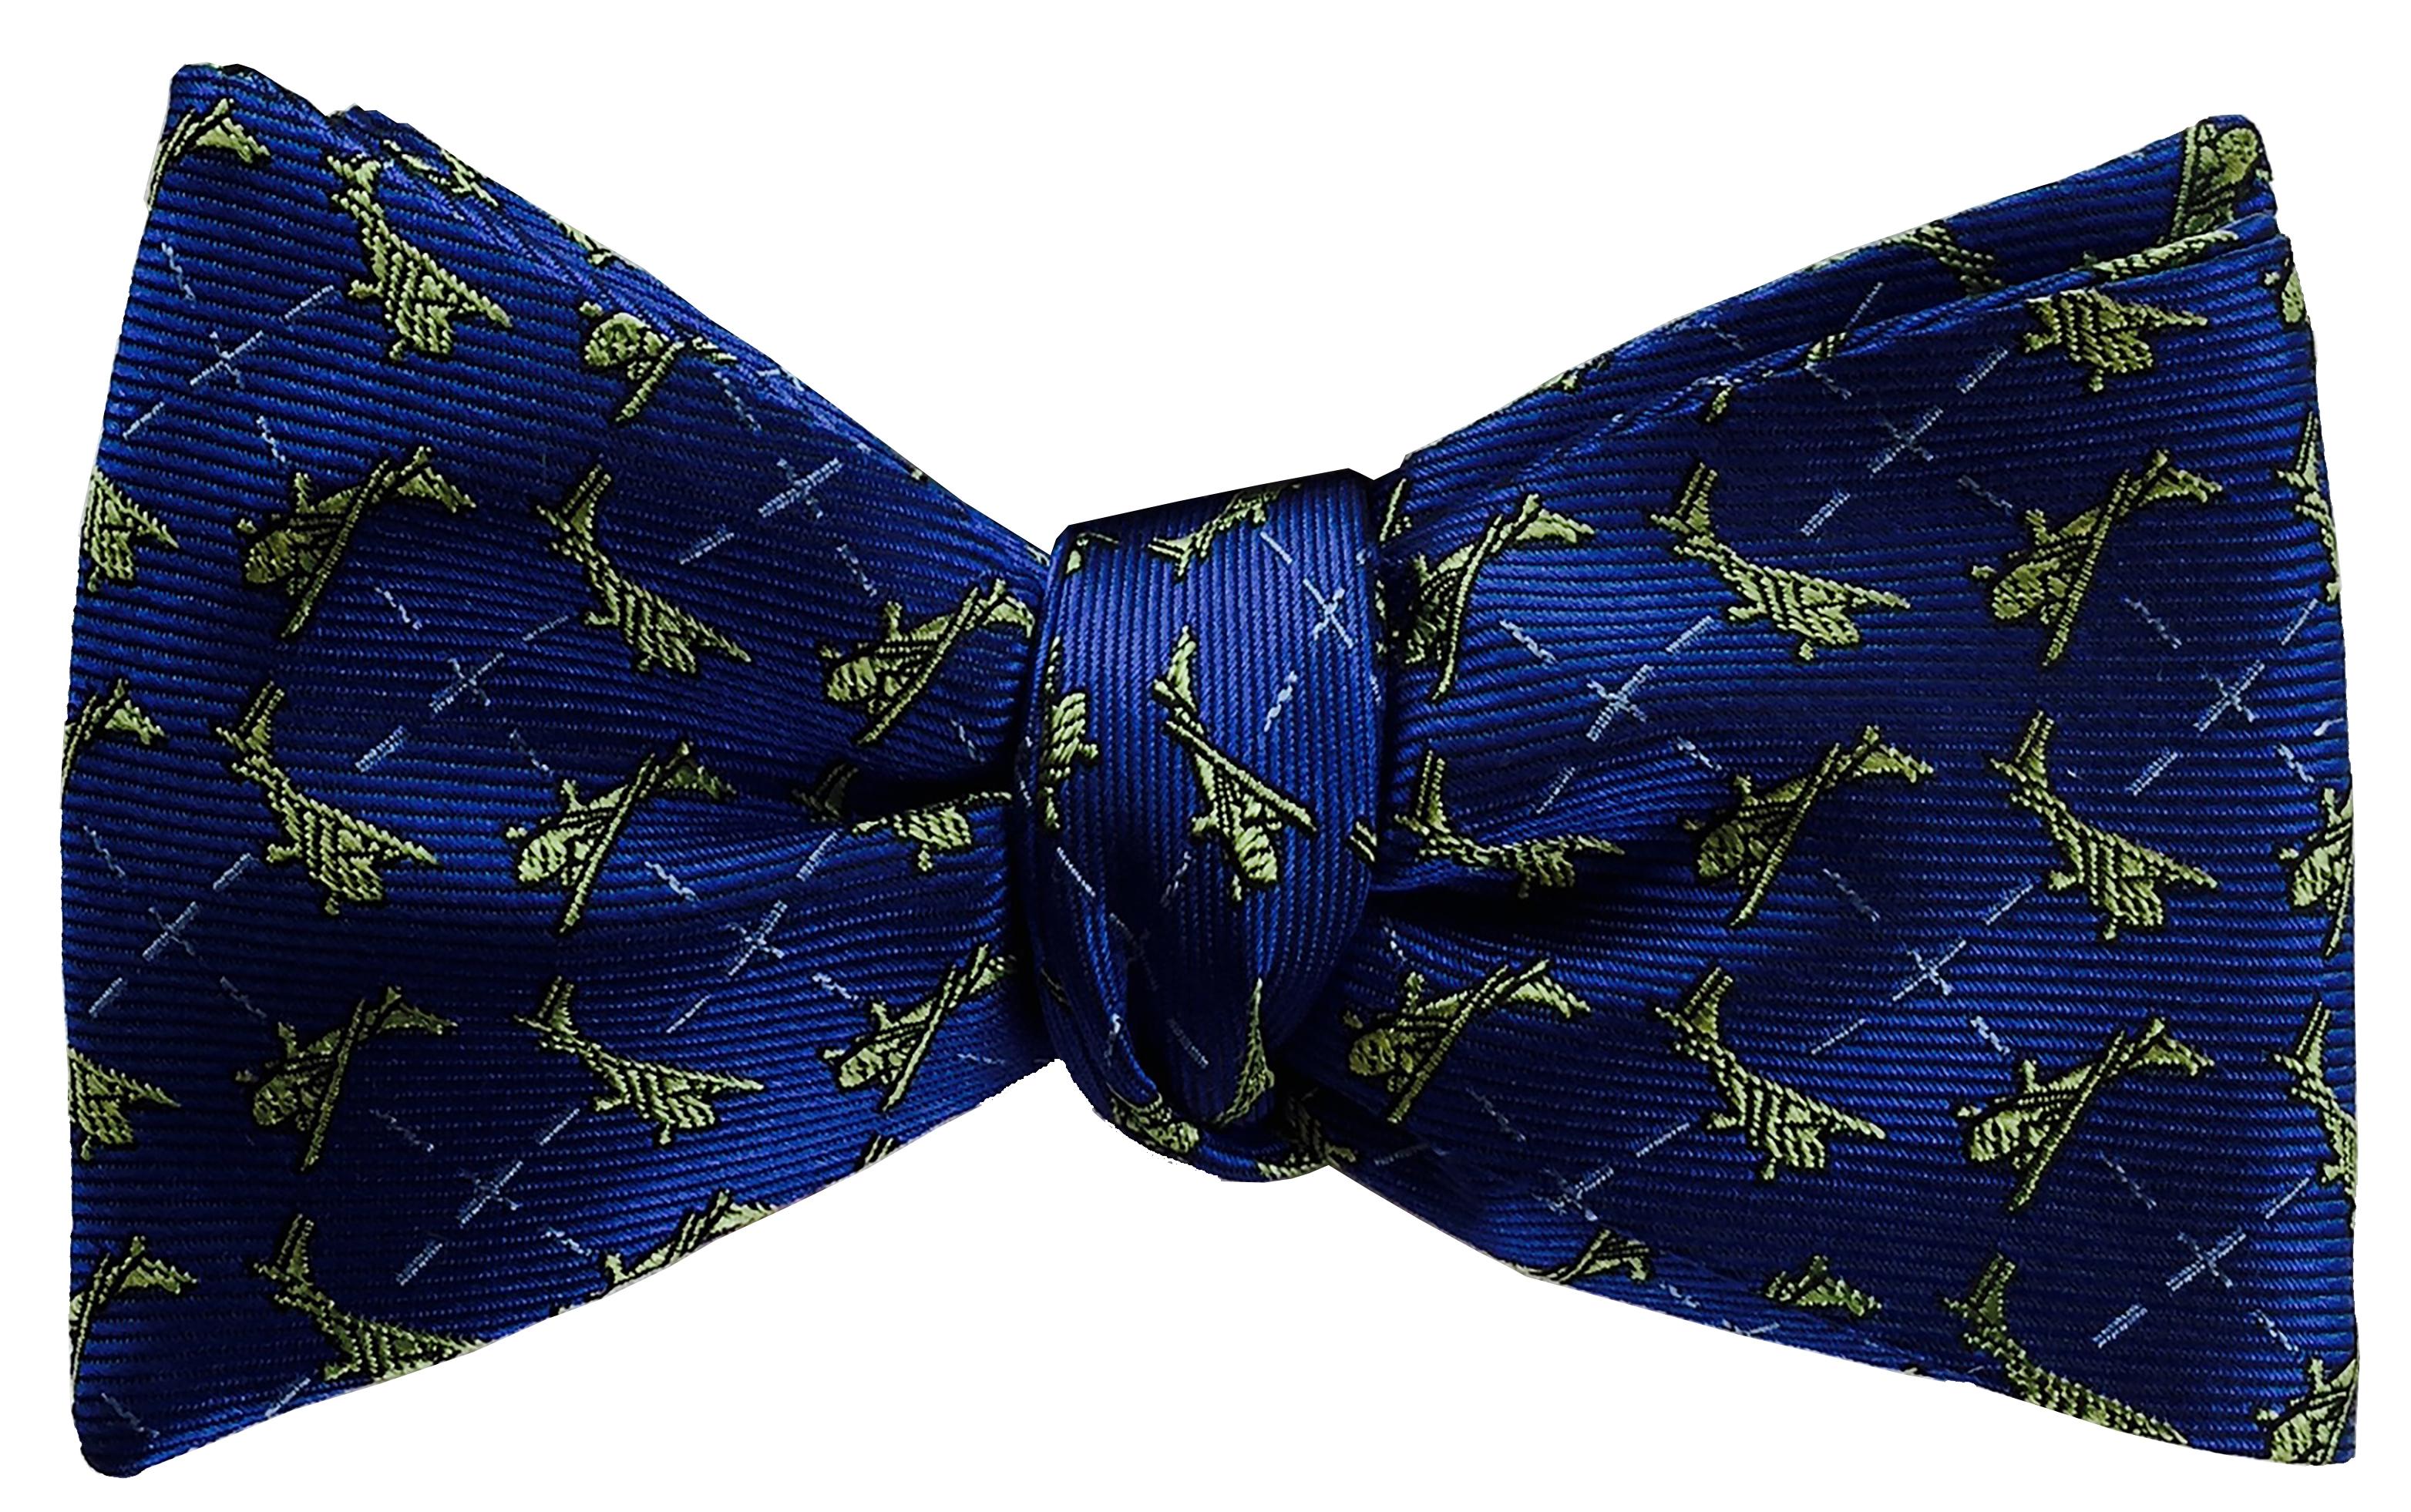 Cessna bow tie in true blue